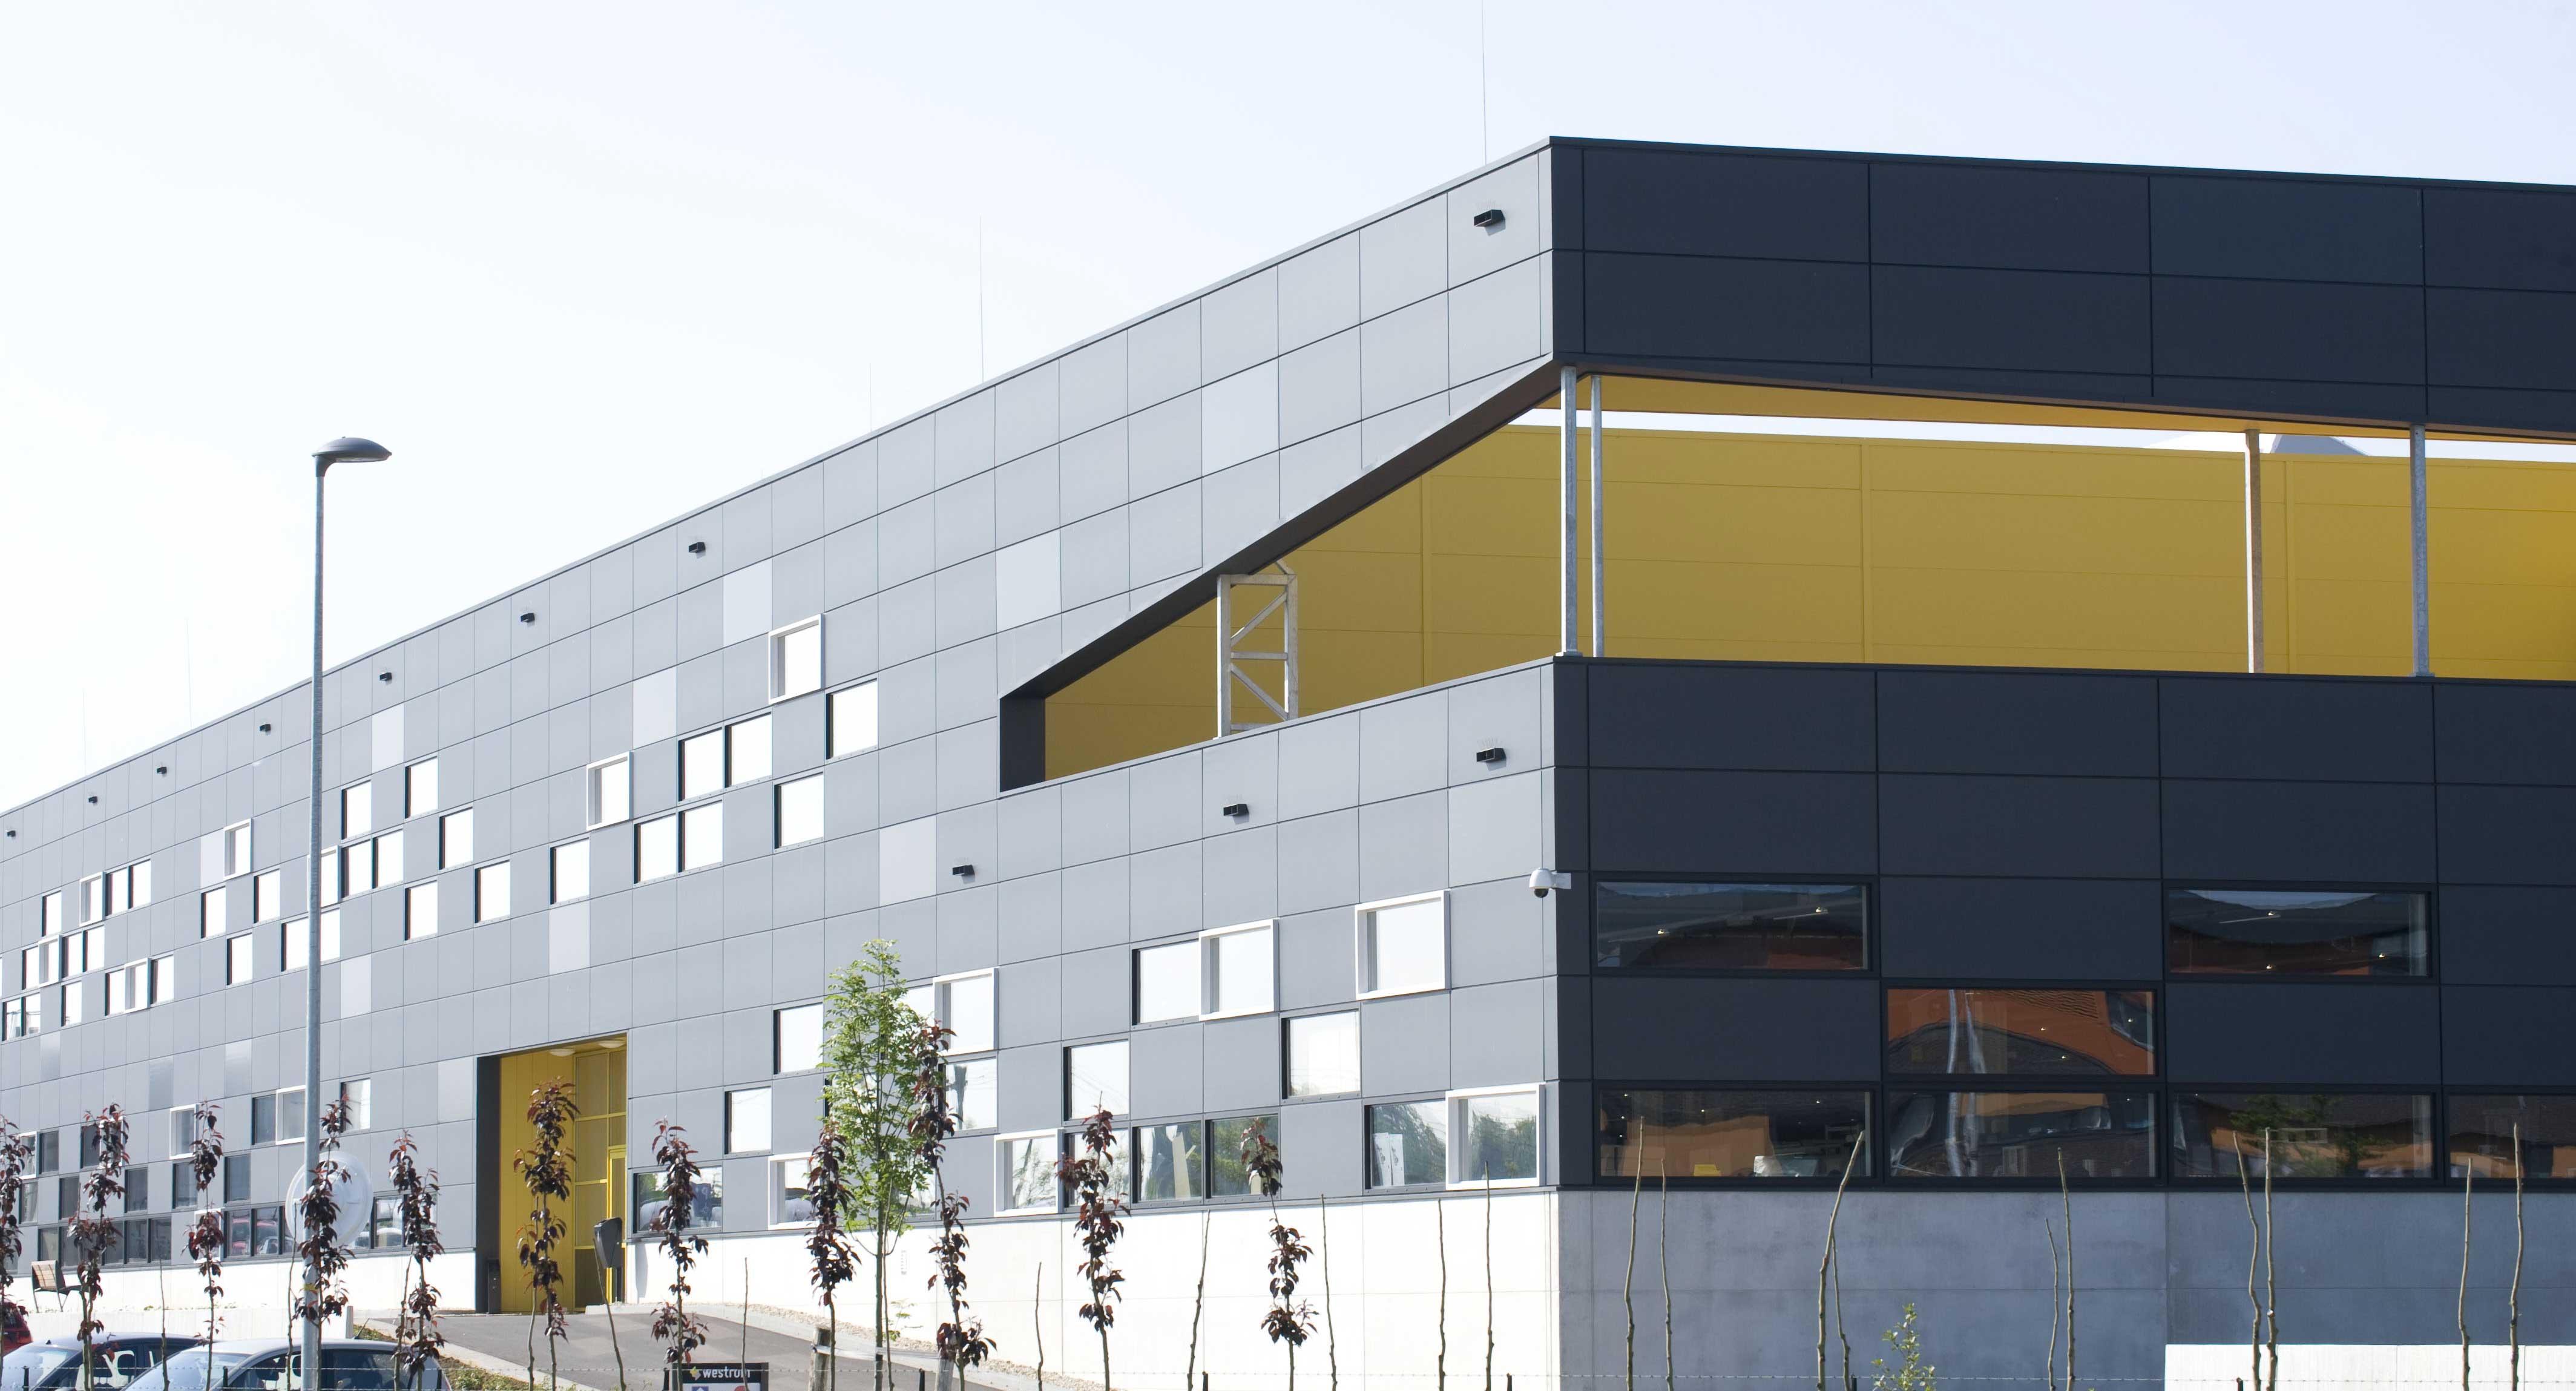 Veszprém Aréna Sports Hall